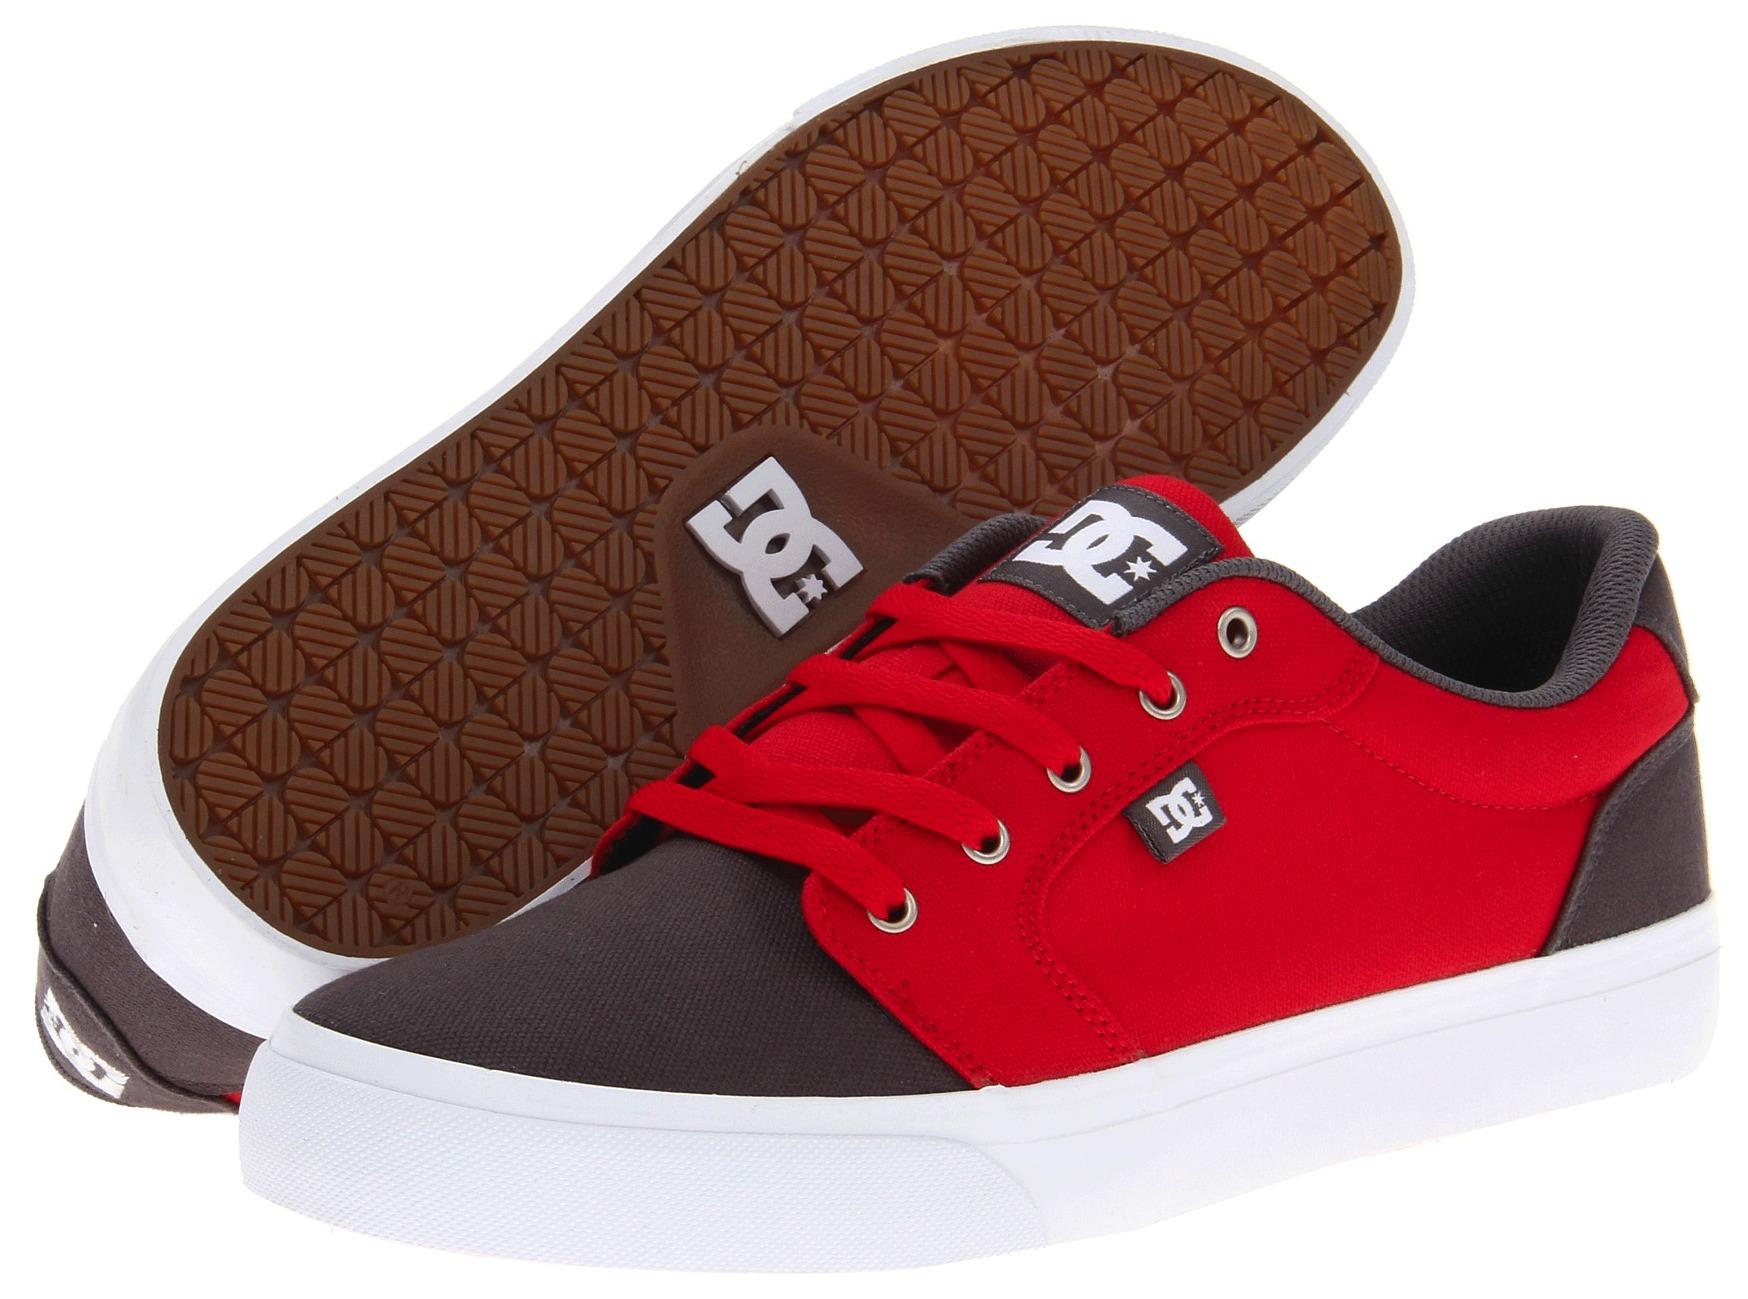 DC Anvil Vegan Skateboard Shoes